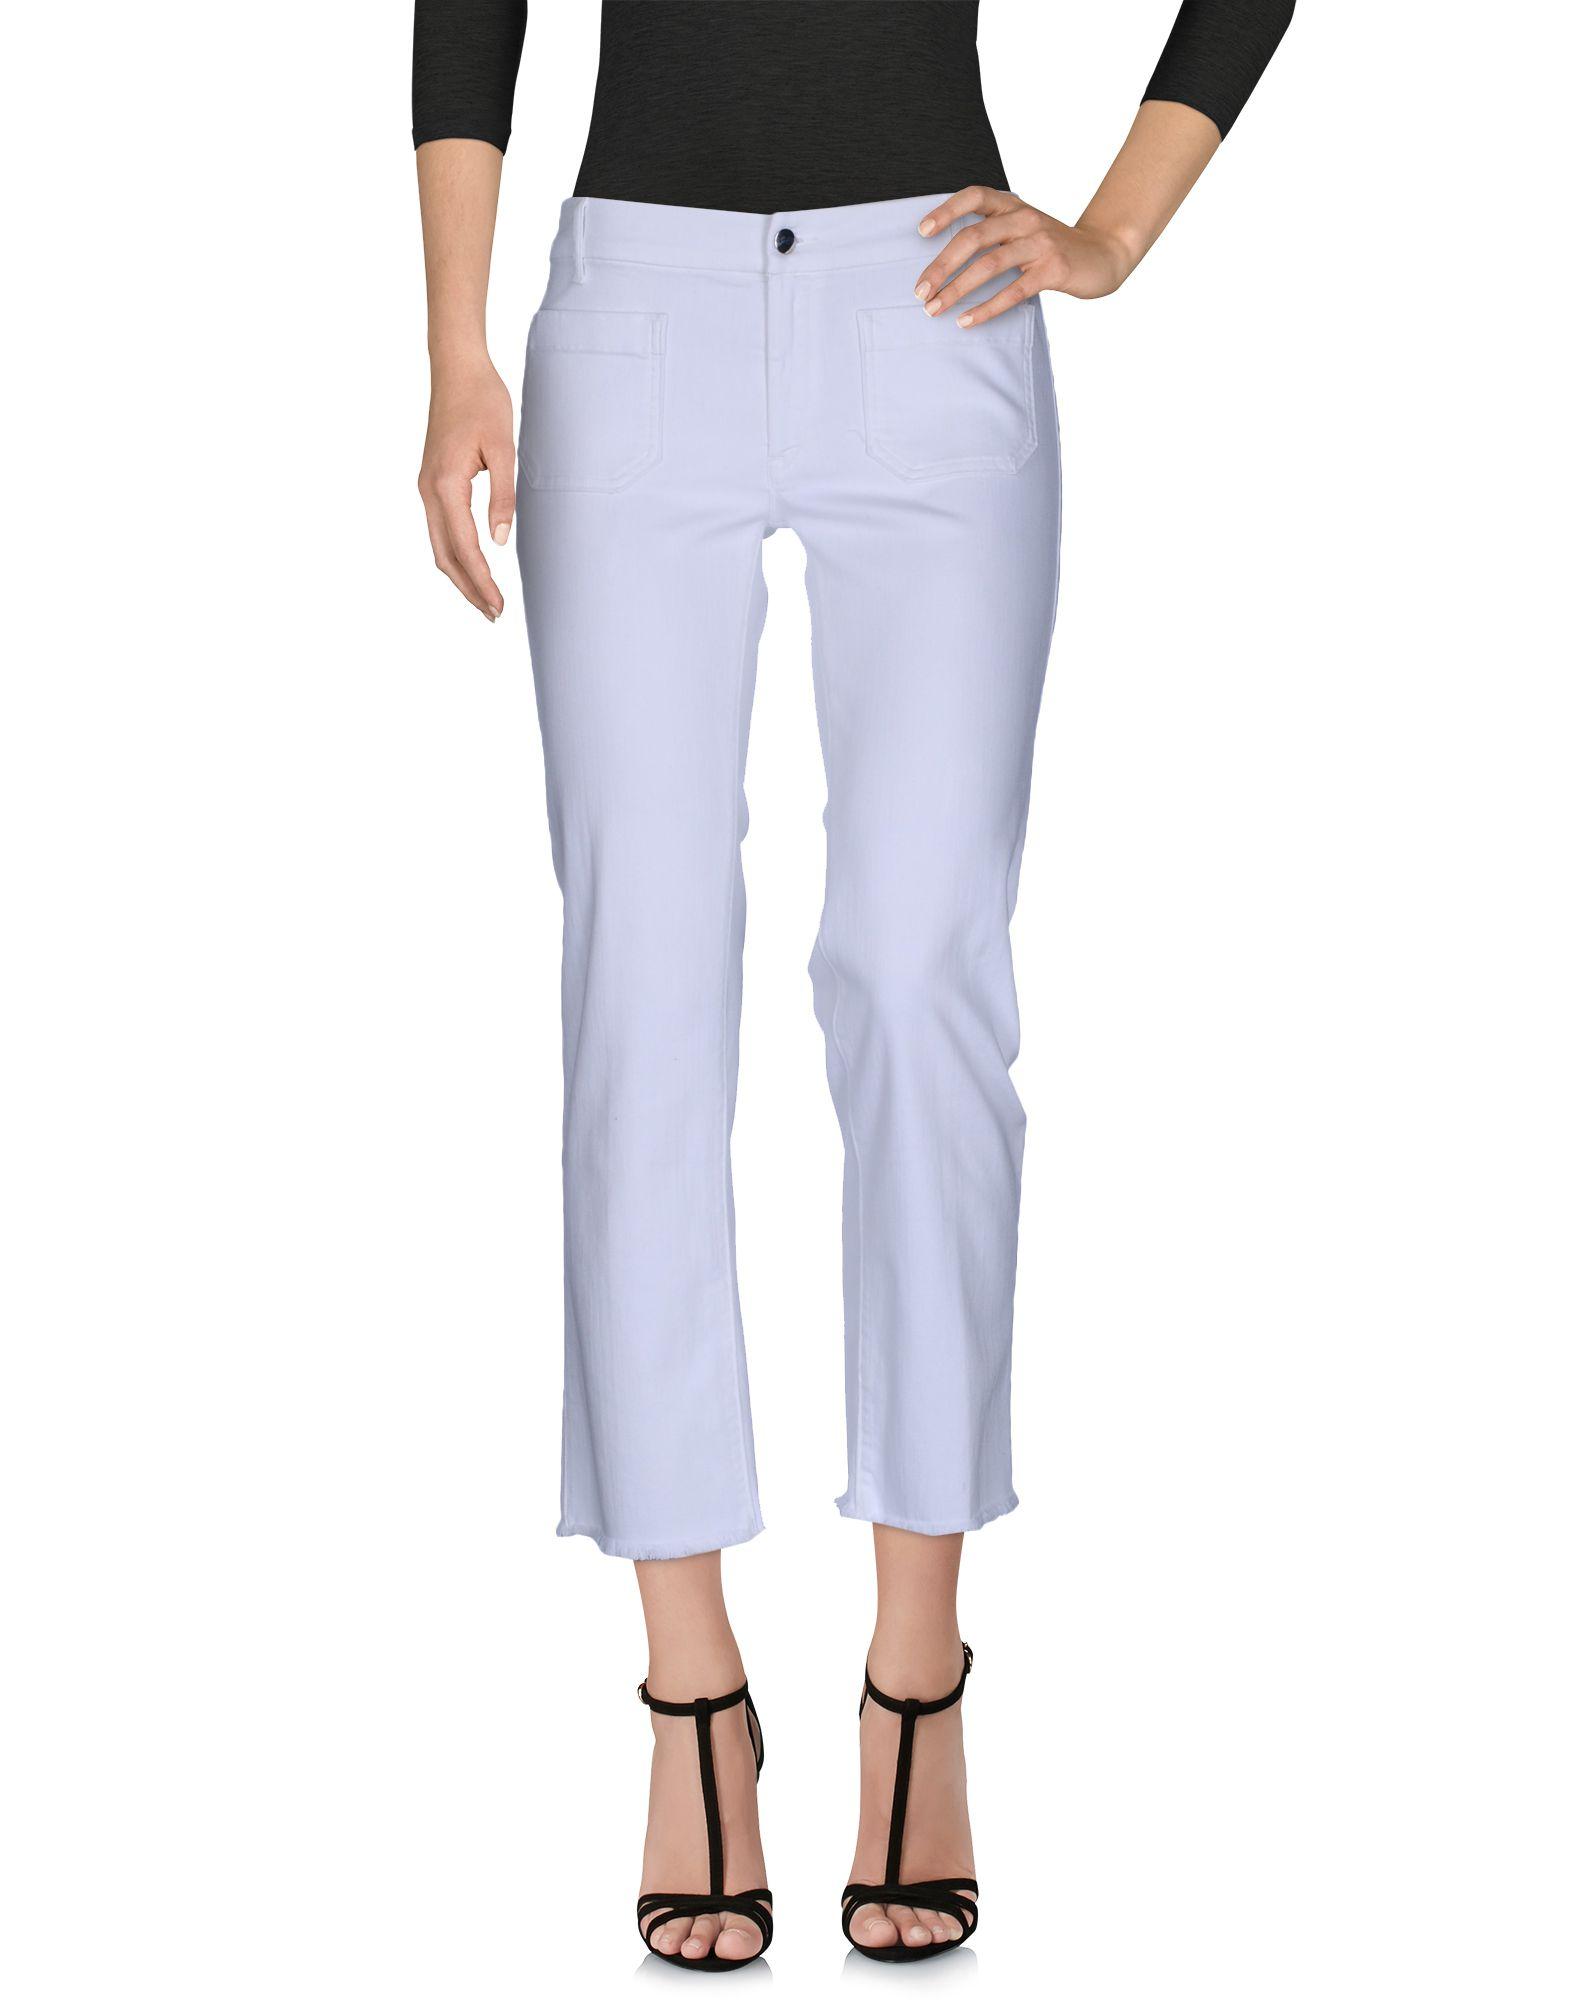 Pantaloni Jeans The Seafarer Donna - Acquista online su WMOUwJqf